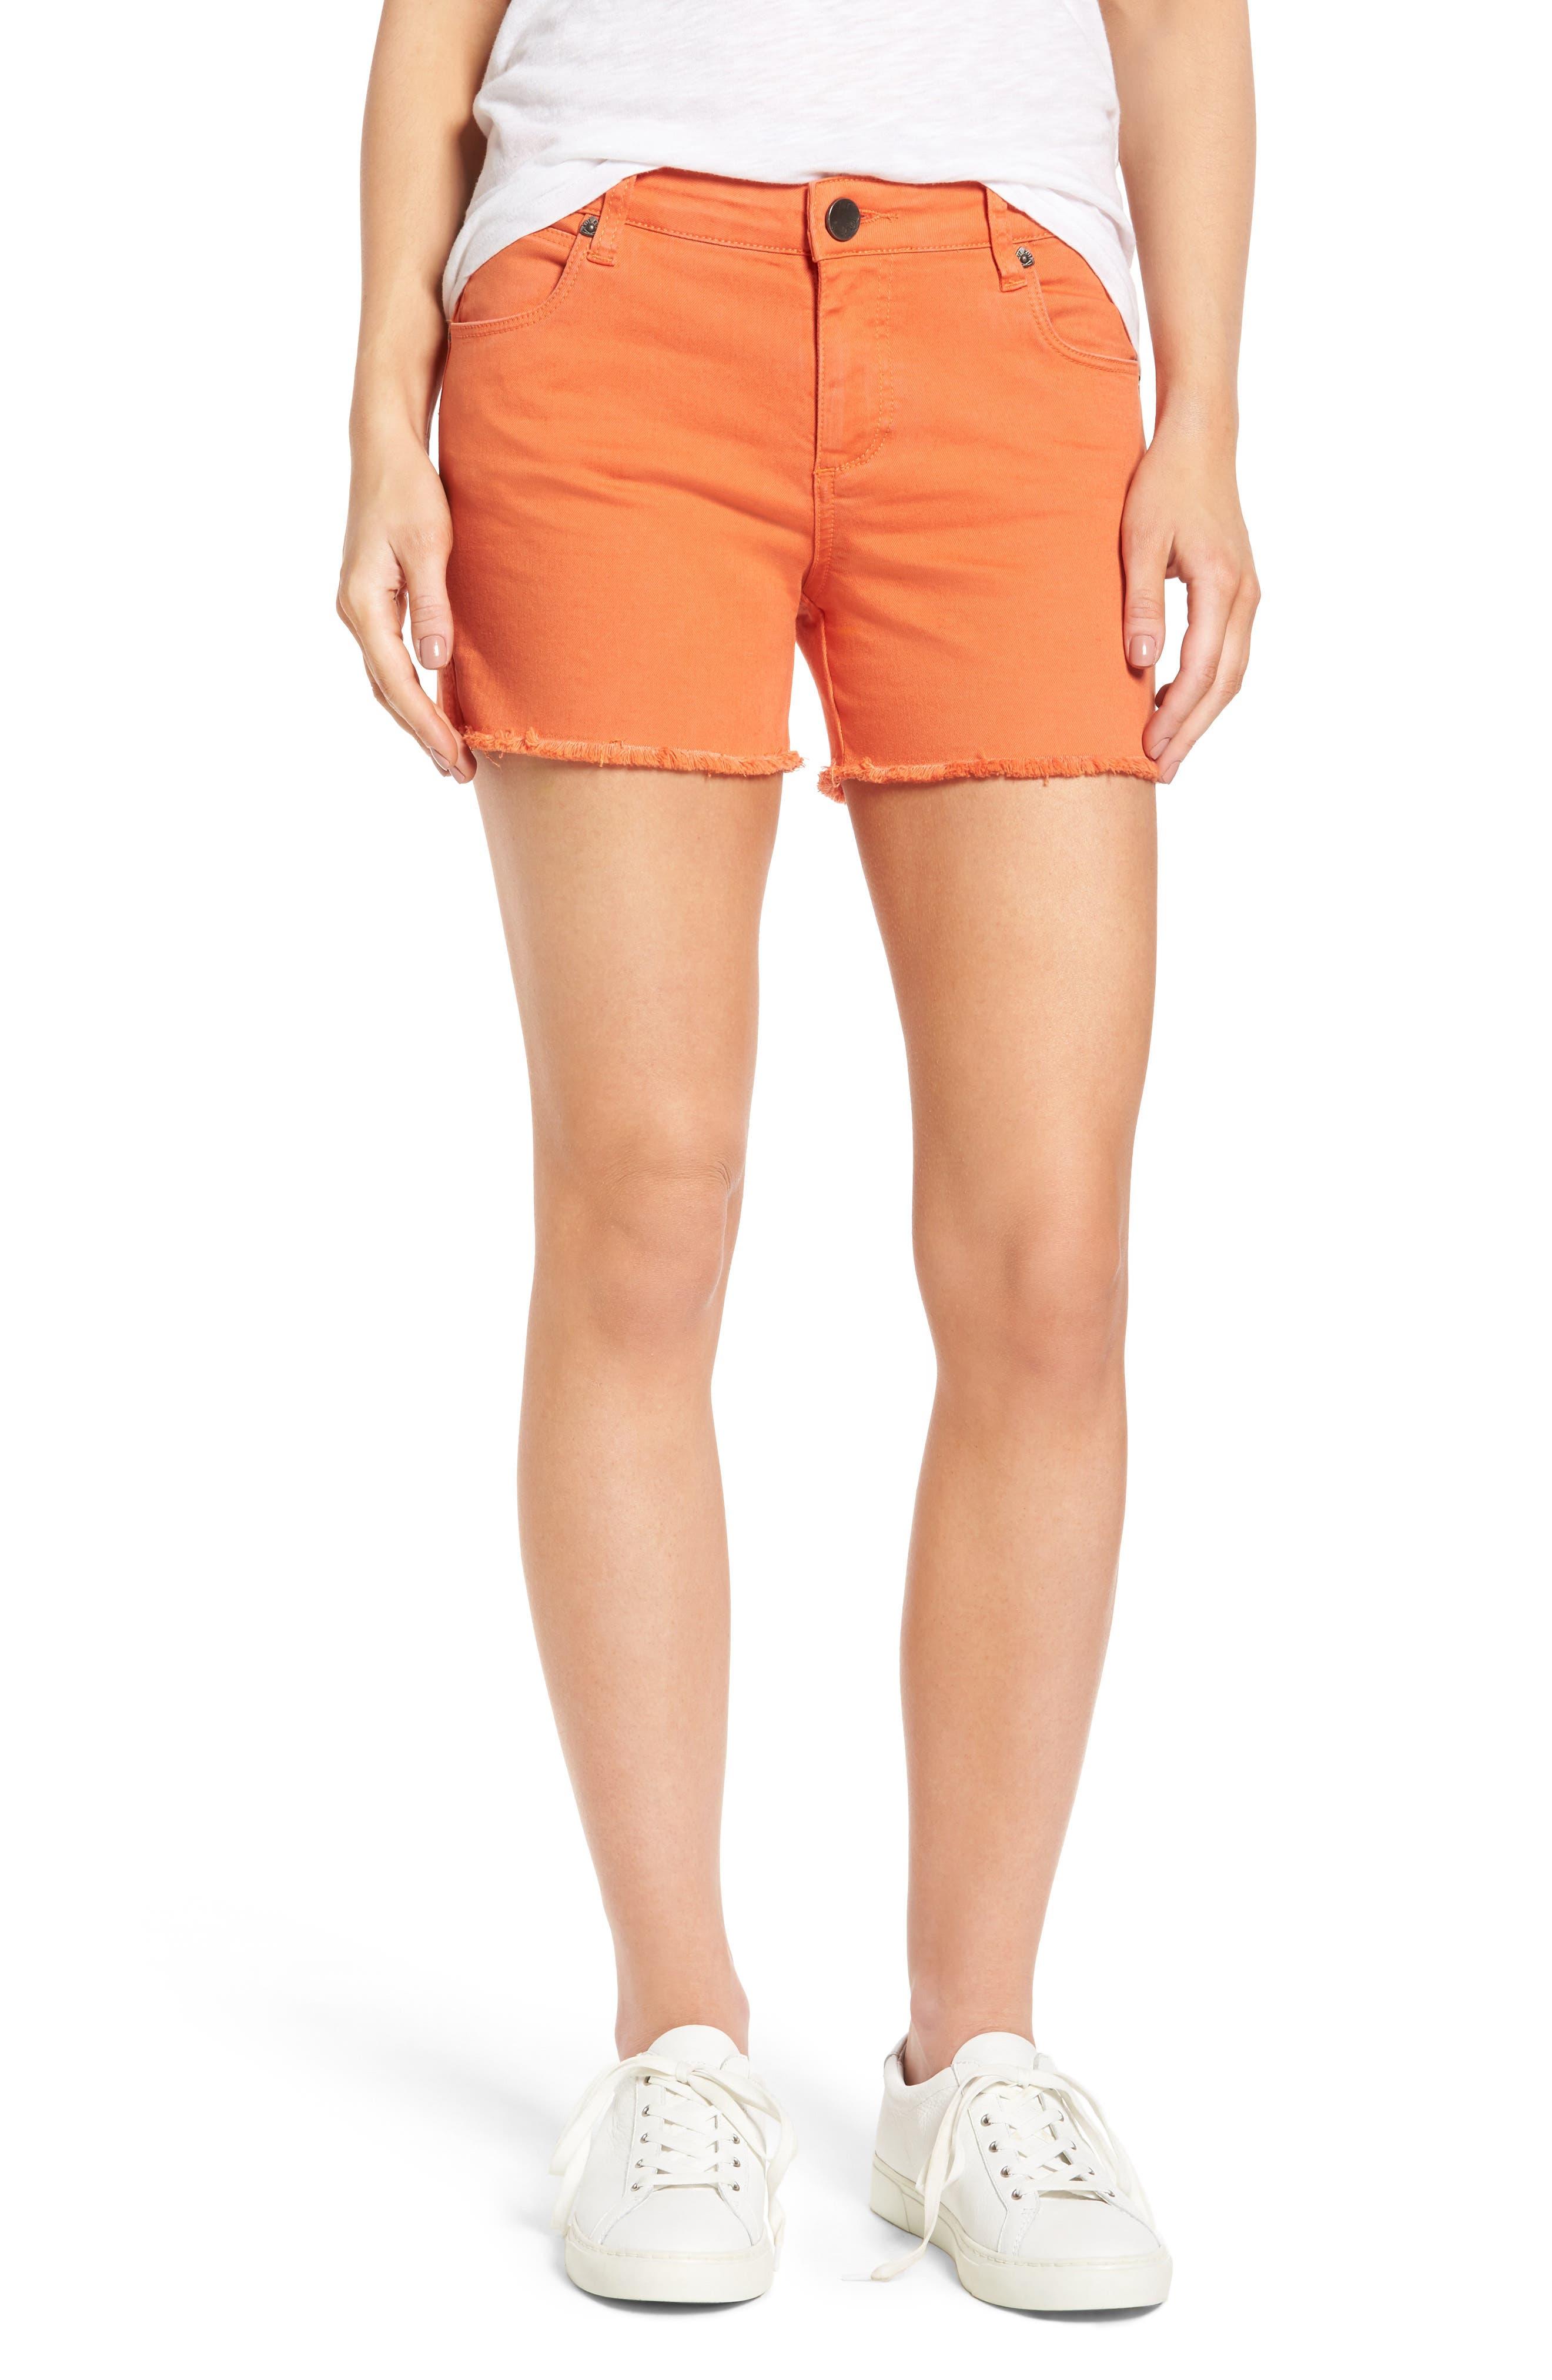 Gidget Fray Hem Orange Denim Shorts,                         Main,                         color, Orange